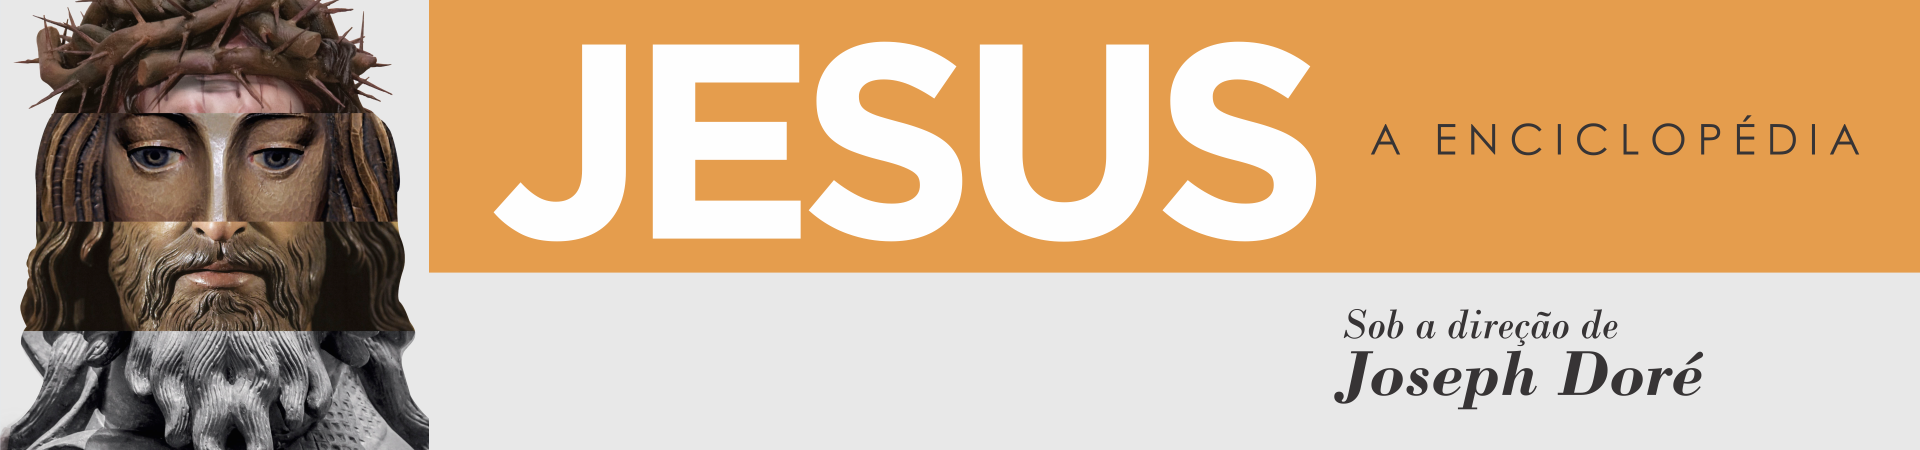 Jesus a enciclopedia